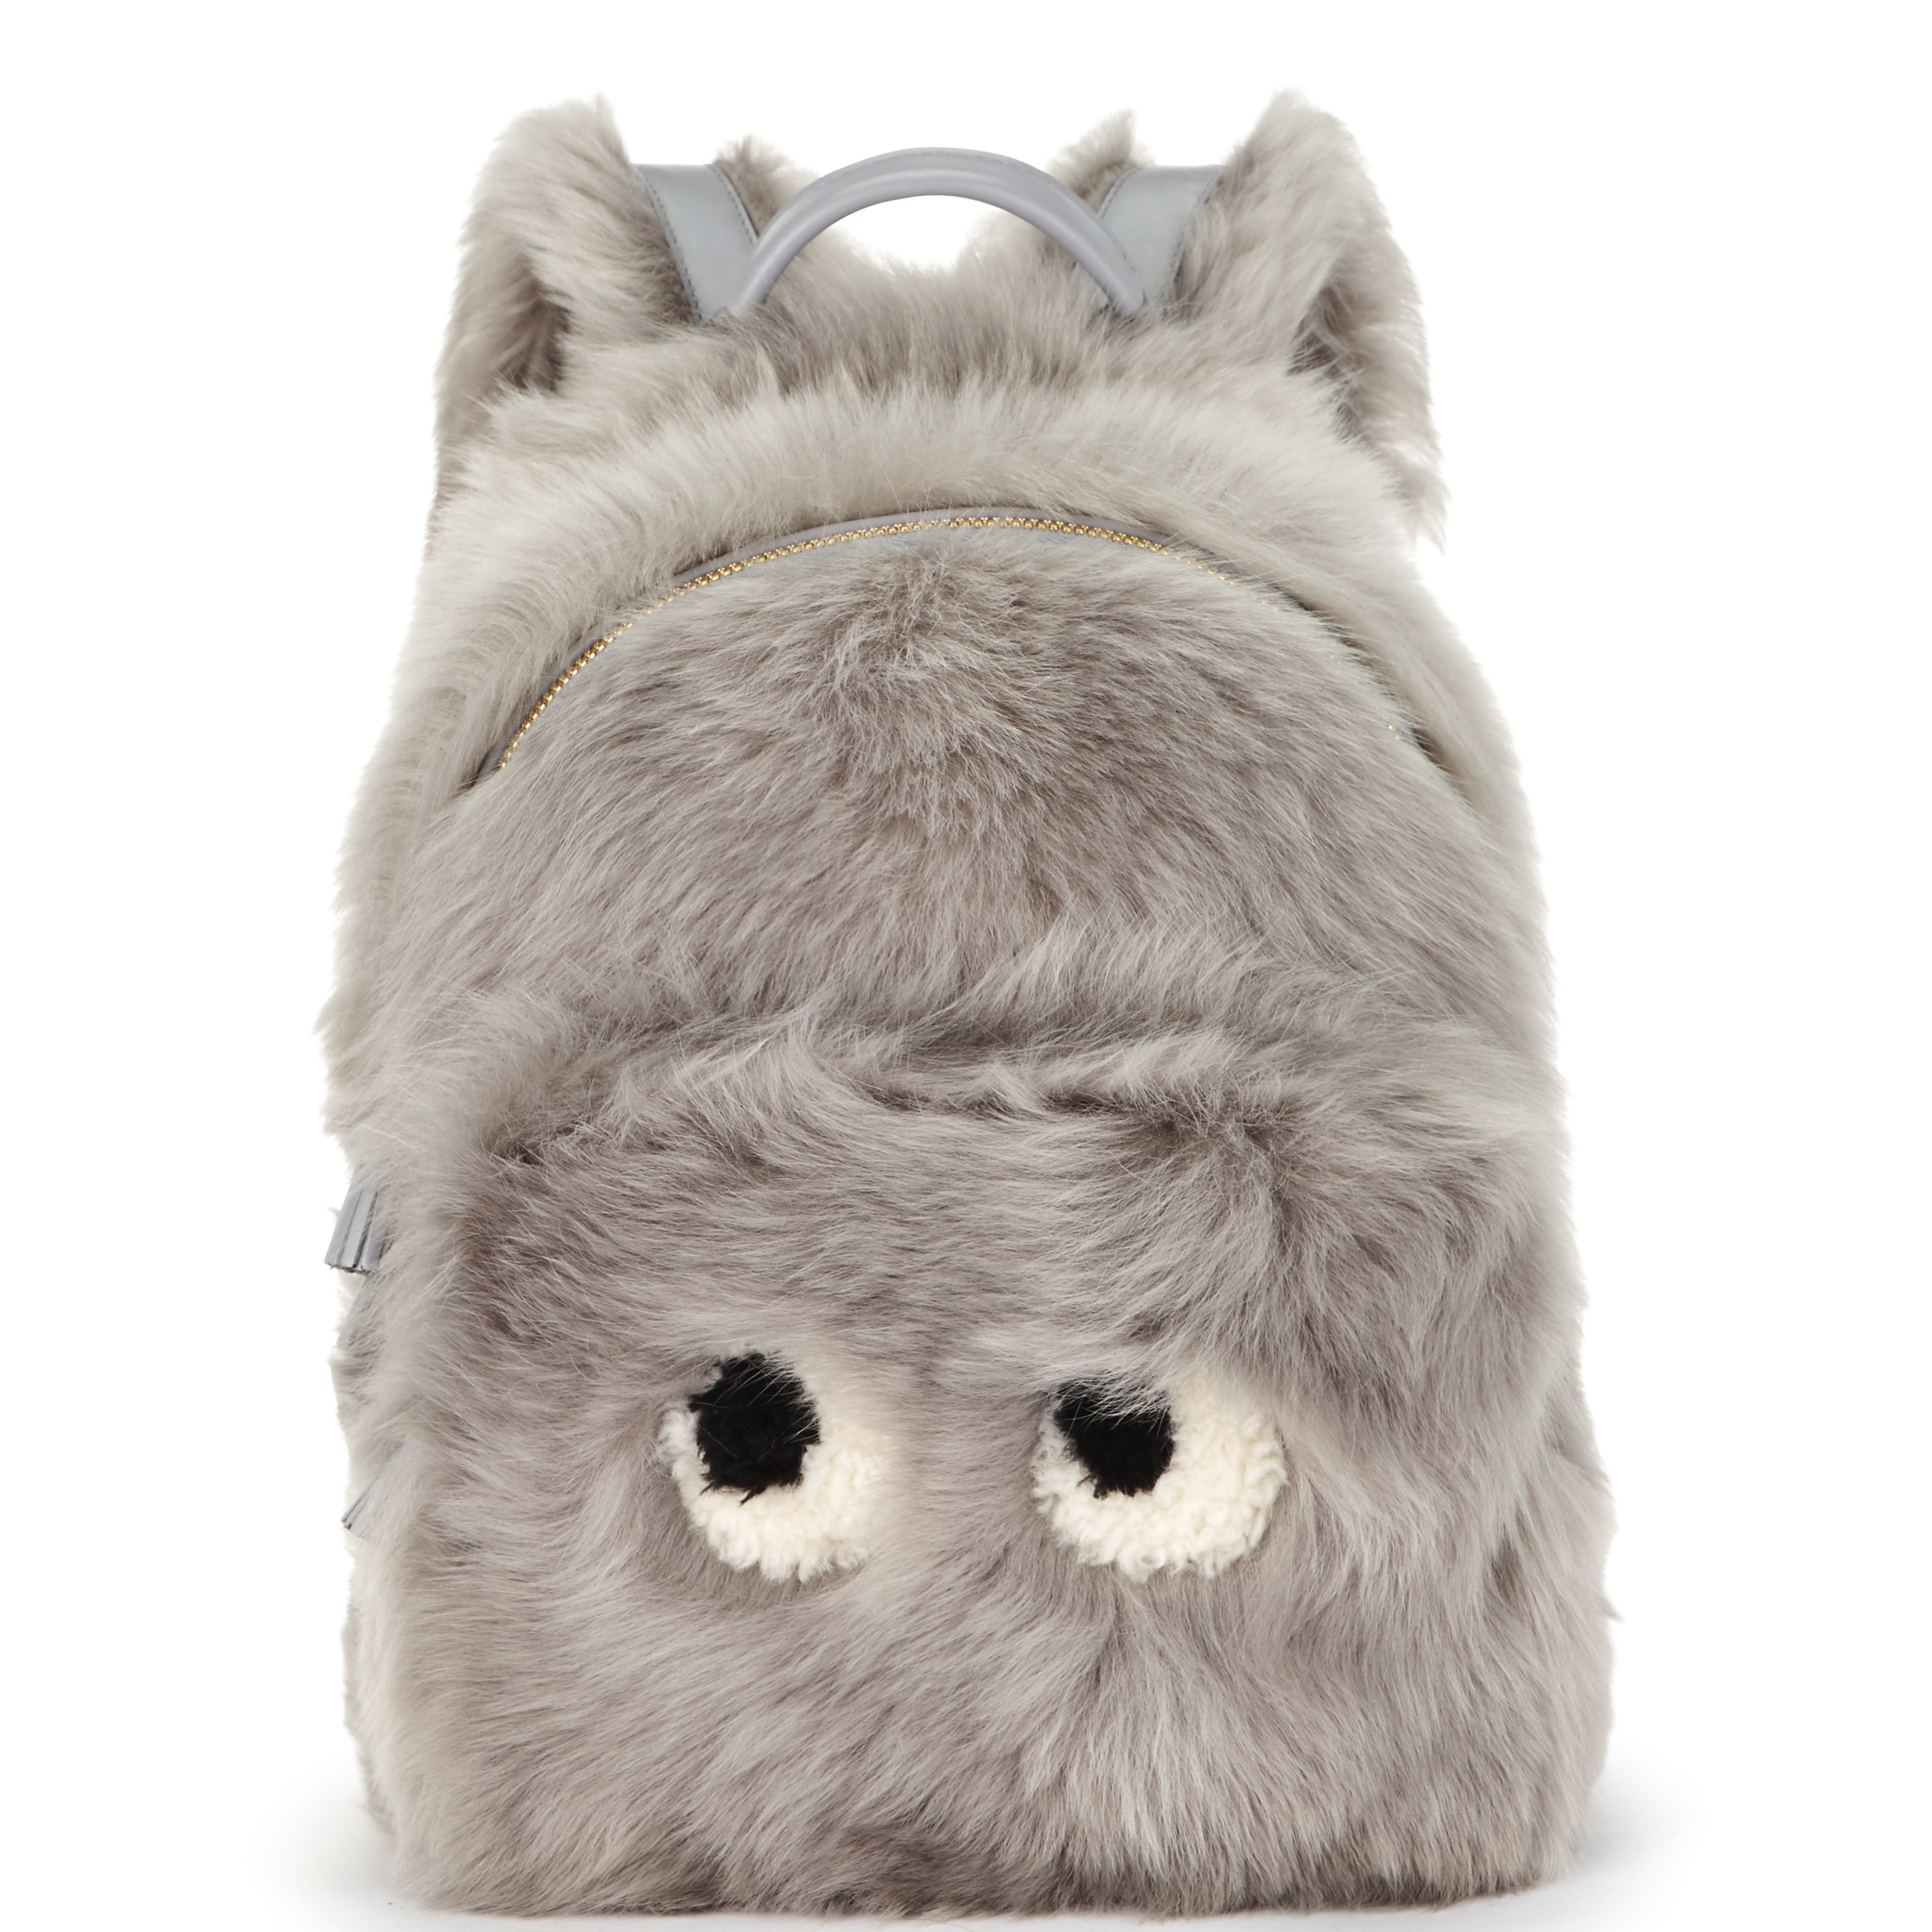 눈이 장식된 키치한 양털 소재 백팩은 2백만원대로 Anya Hindmarch 제품.